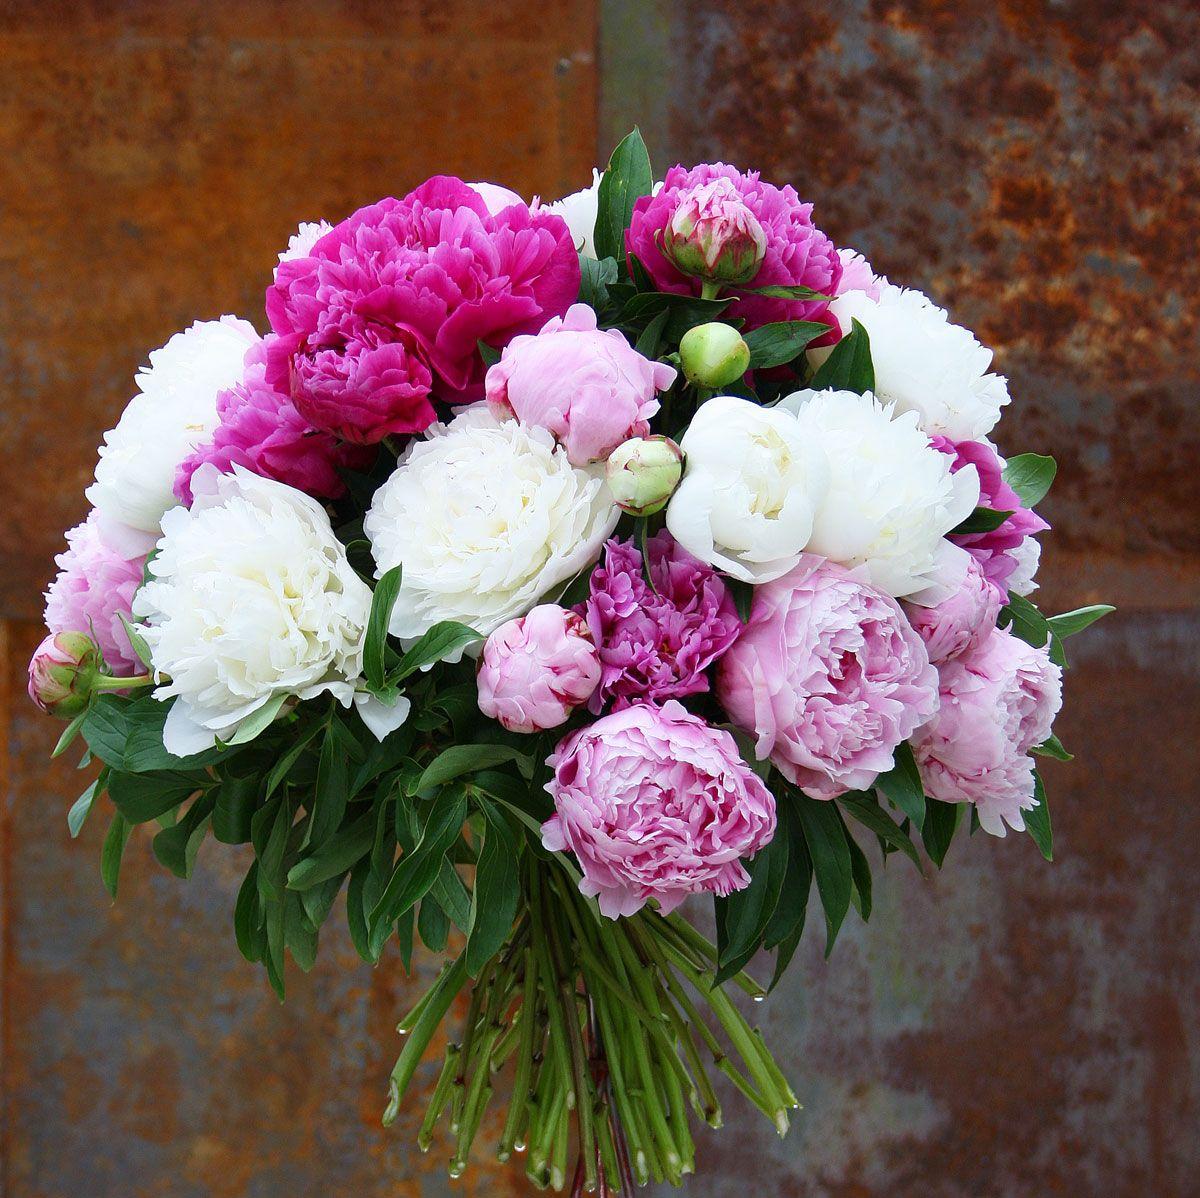 Romantischer Blumenstrauss Mit Peonien Pfingstrosen Bauernrosen